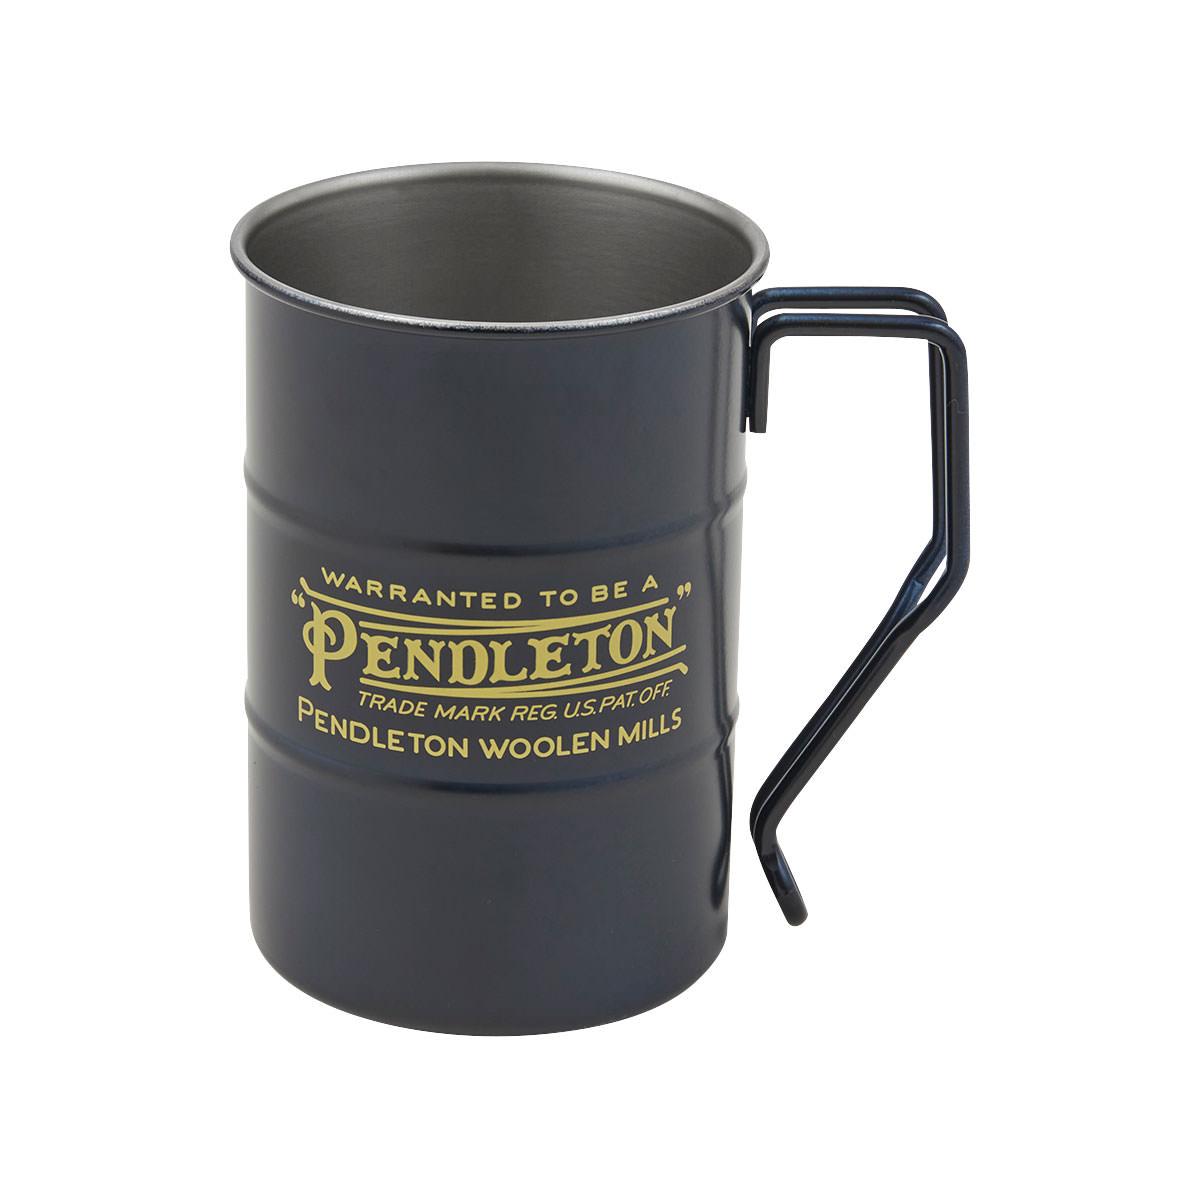 ミニドラム缶マグ